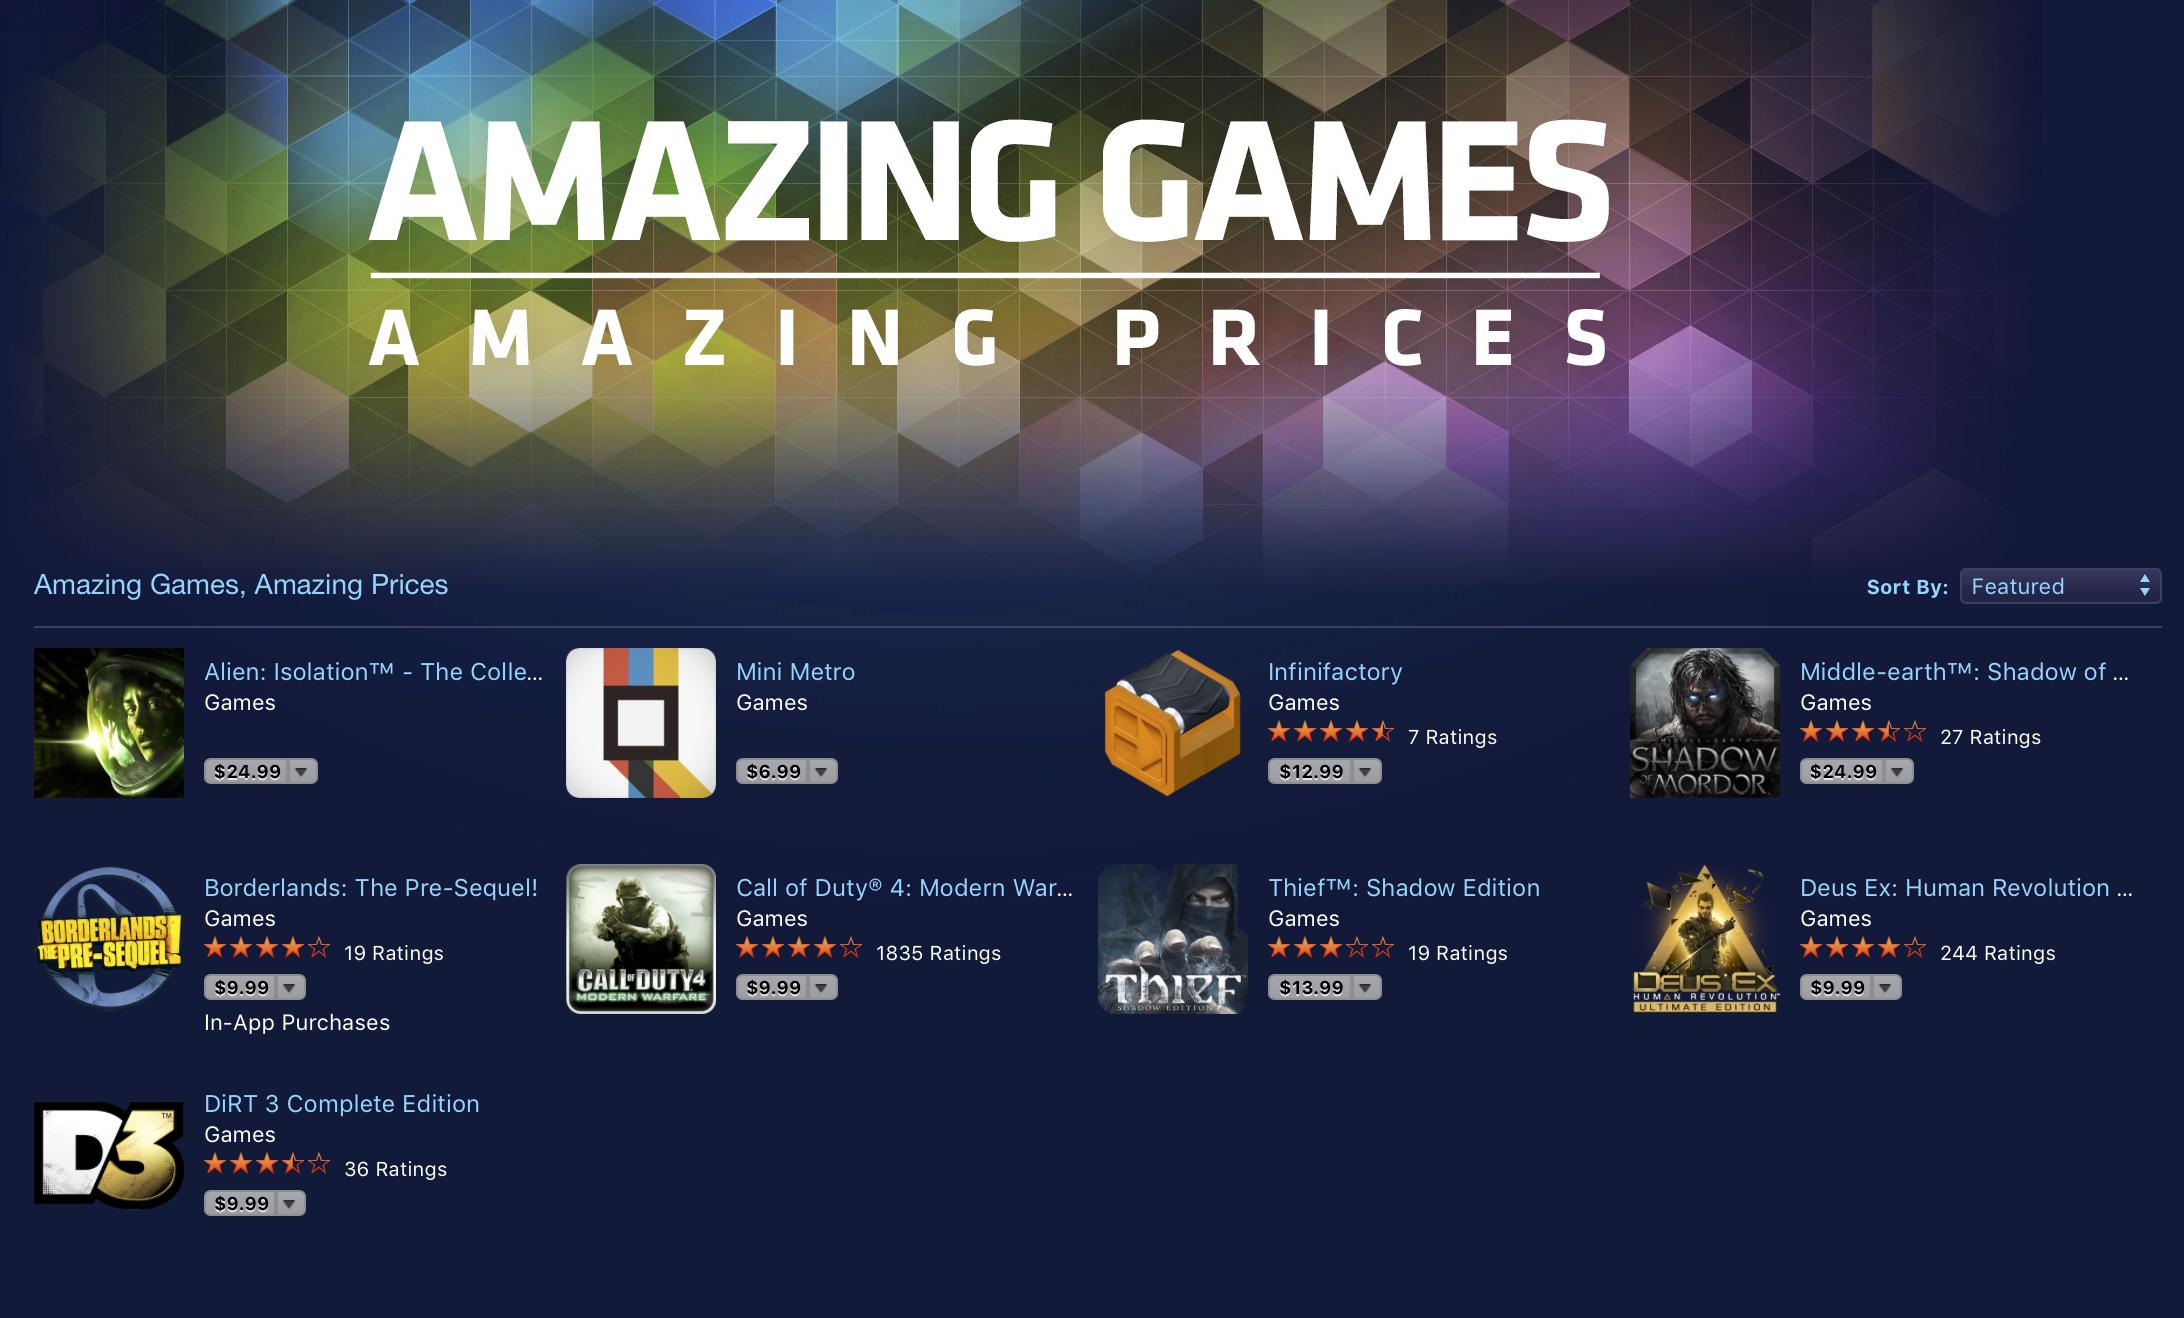 amazing_games_amazing_prices